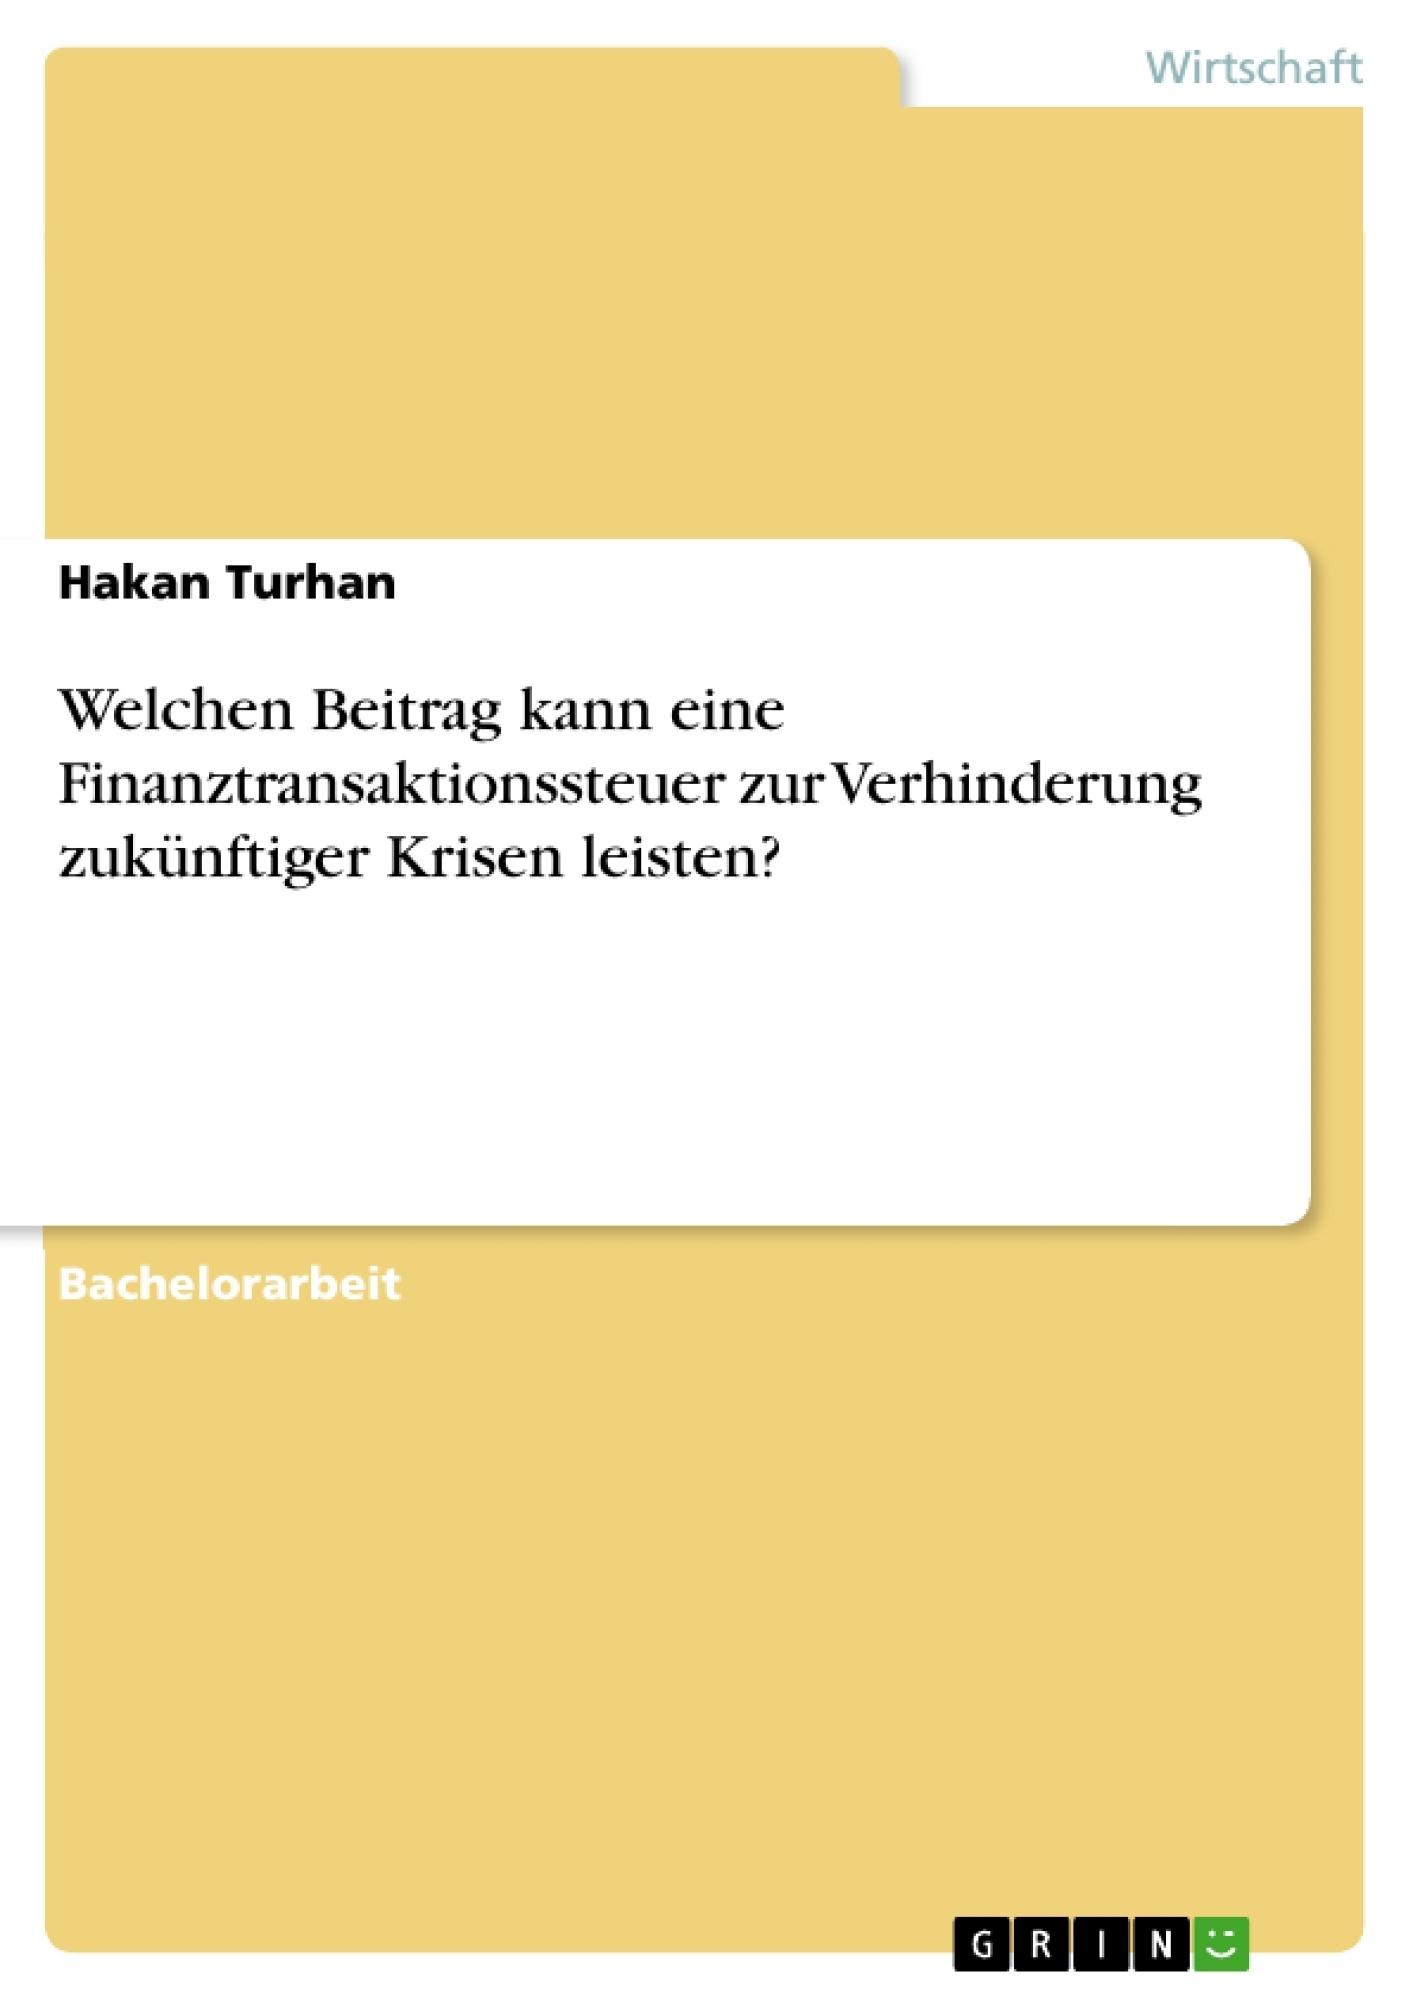 Titel: Welchen Beitrag kann eine Finanztransaktionssteuer zur Verhinderung zukünftiger Krisen leisten?